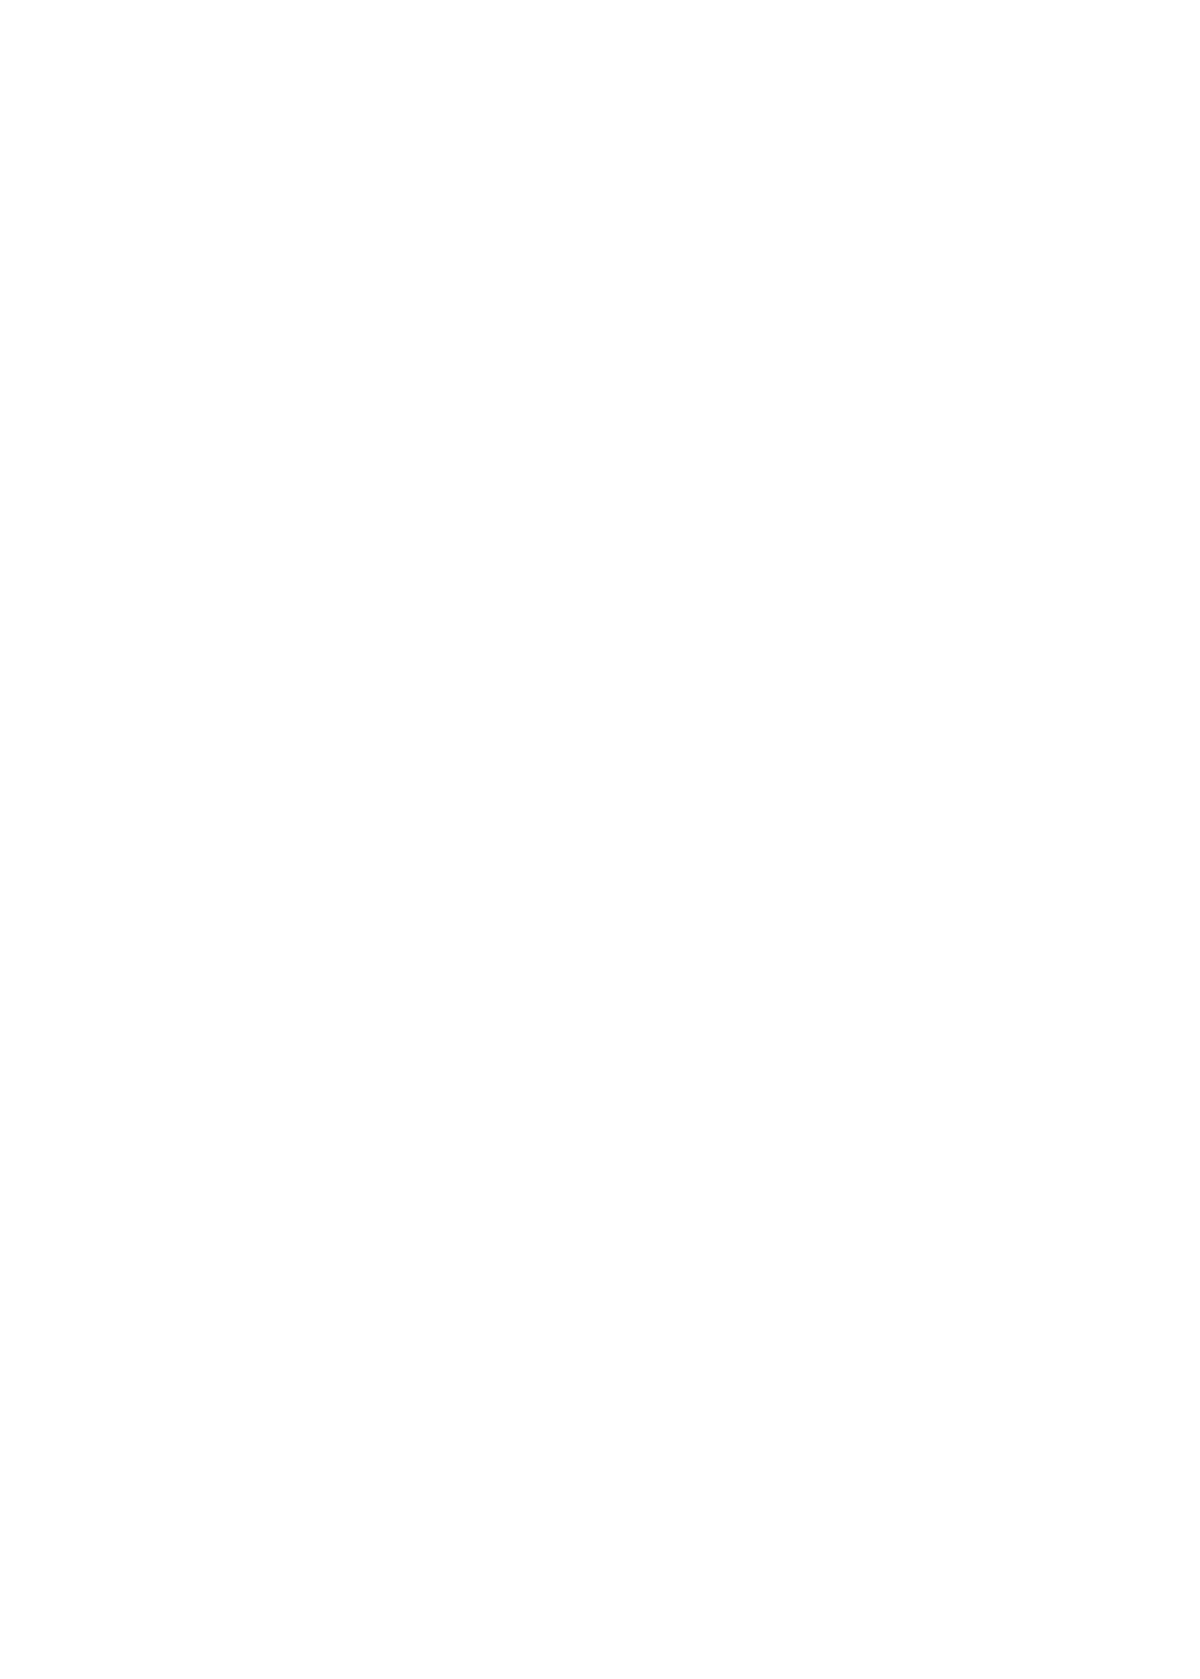 [Alice no Takarabako (Mizuryu Kei)] Mitsubachi no Yakata Nigou-kan Seventh Heaven-ten (Final Fantasy VII) [Chinese] [村长个人汉化] 2